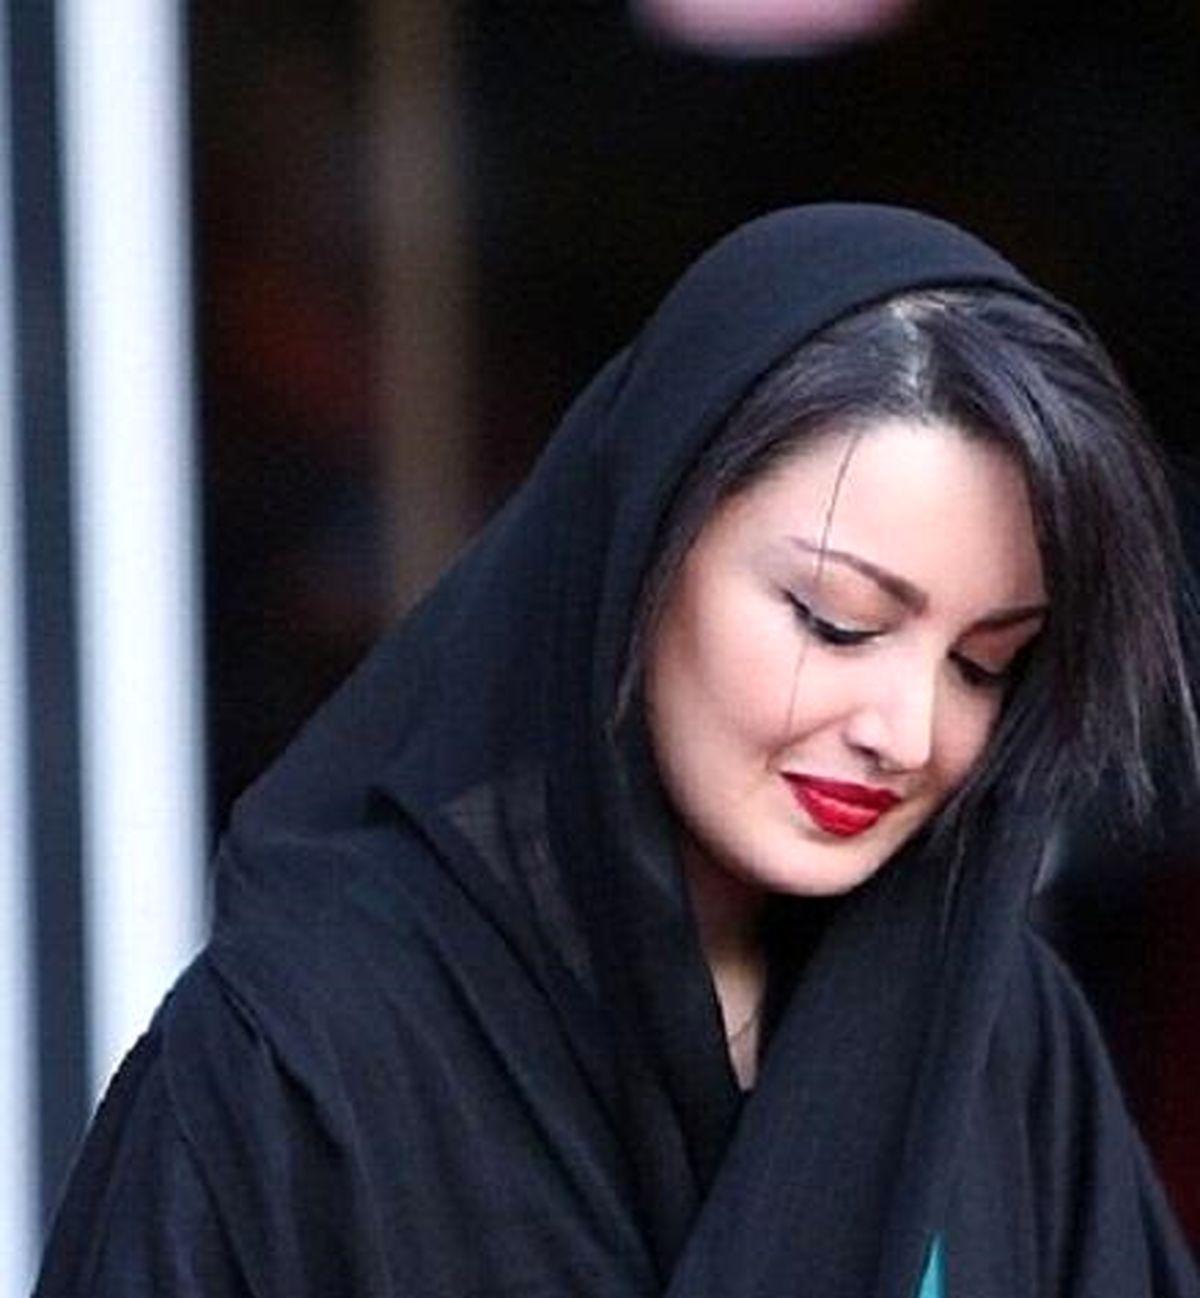 عکس لورفته از عروسی شیلا خداداد فضای مجازی را پرکرد